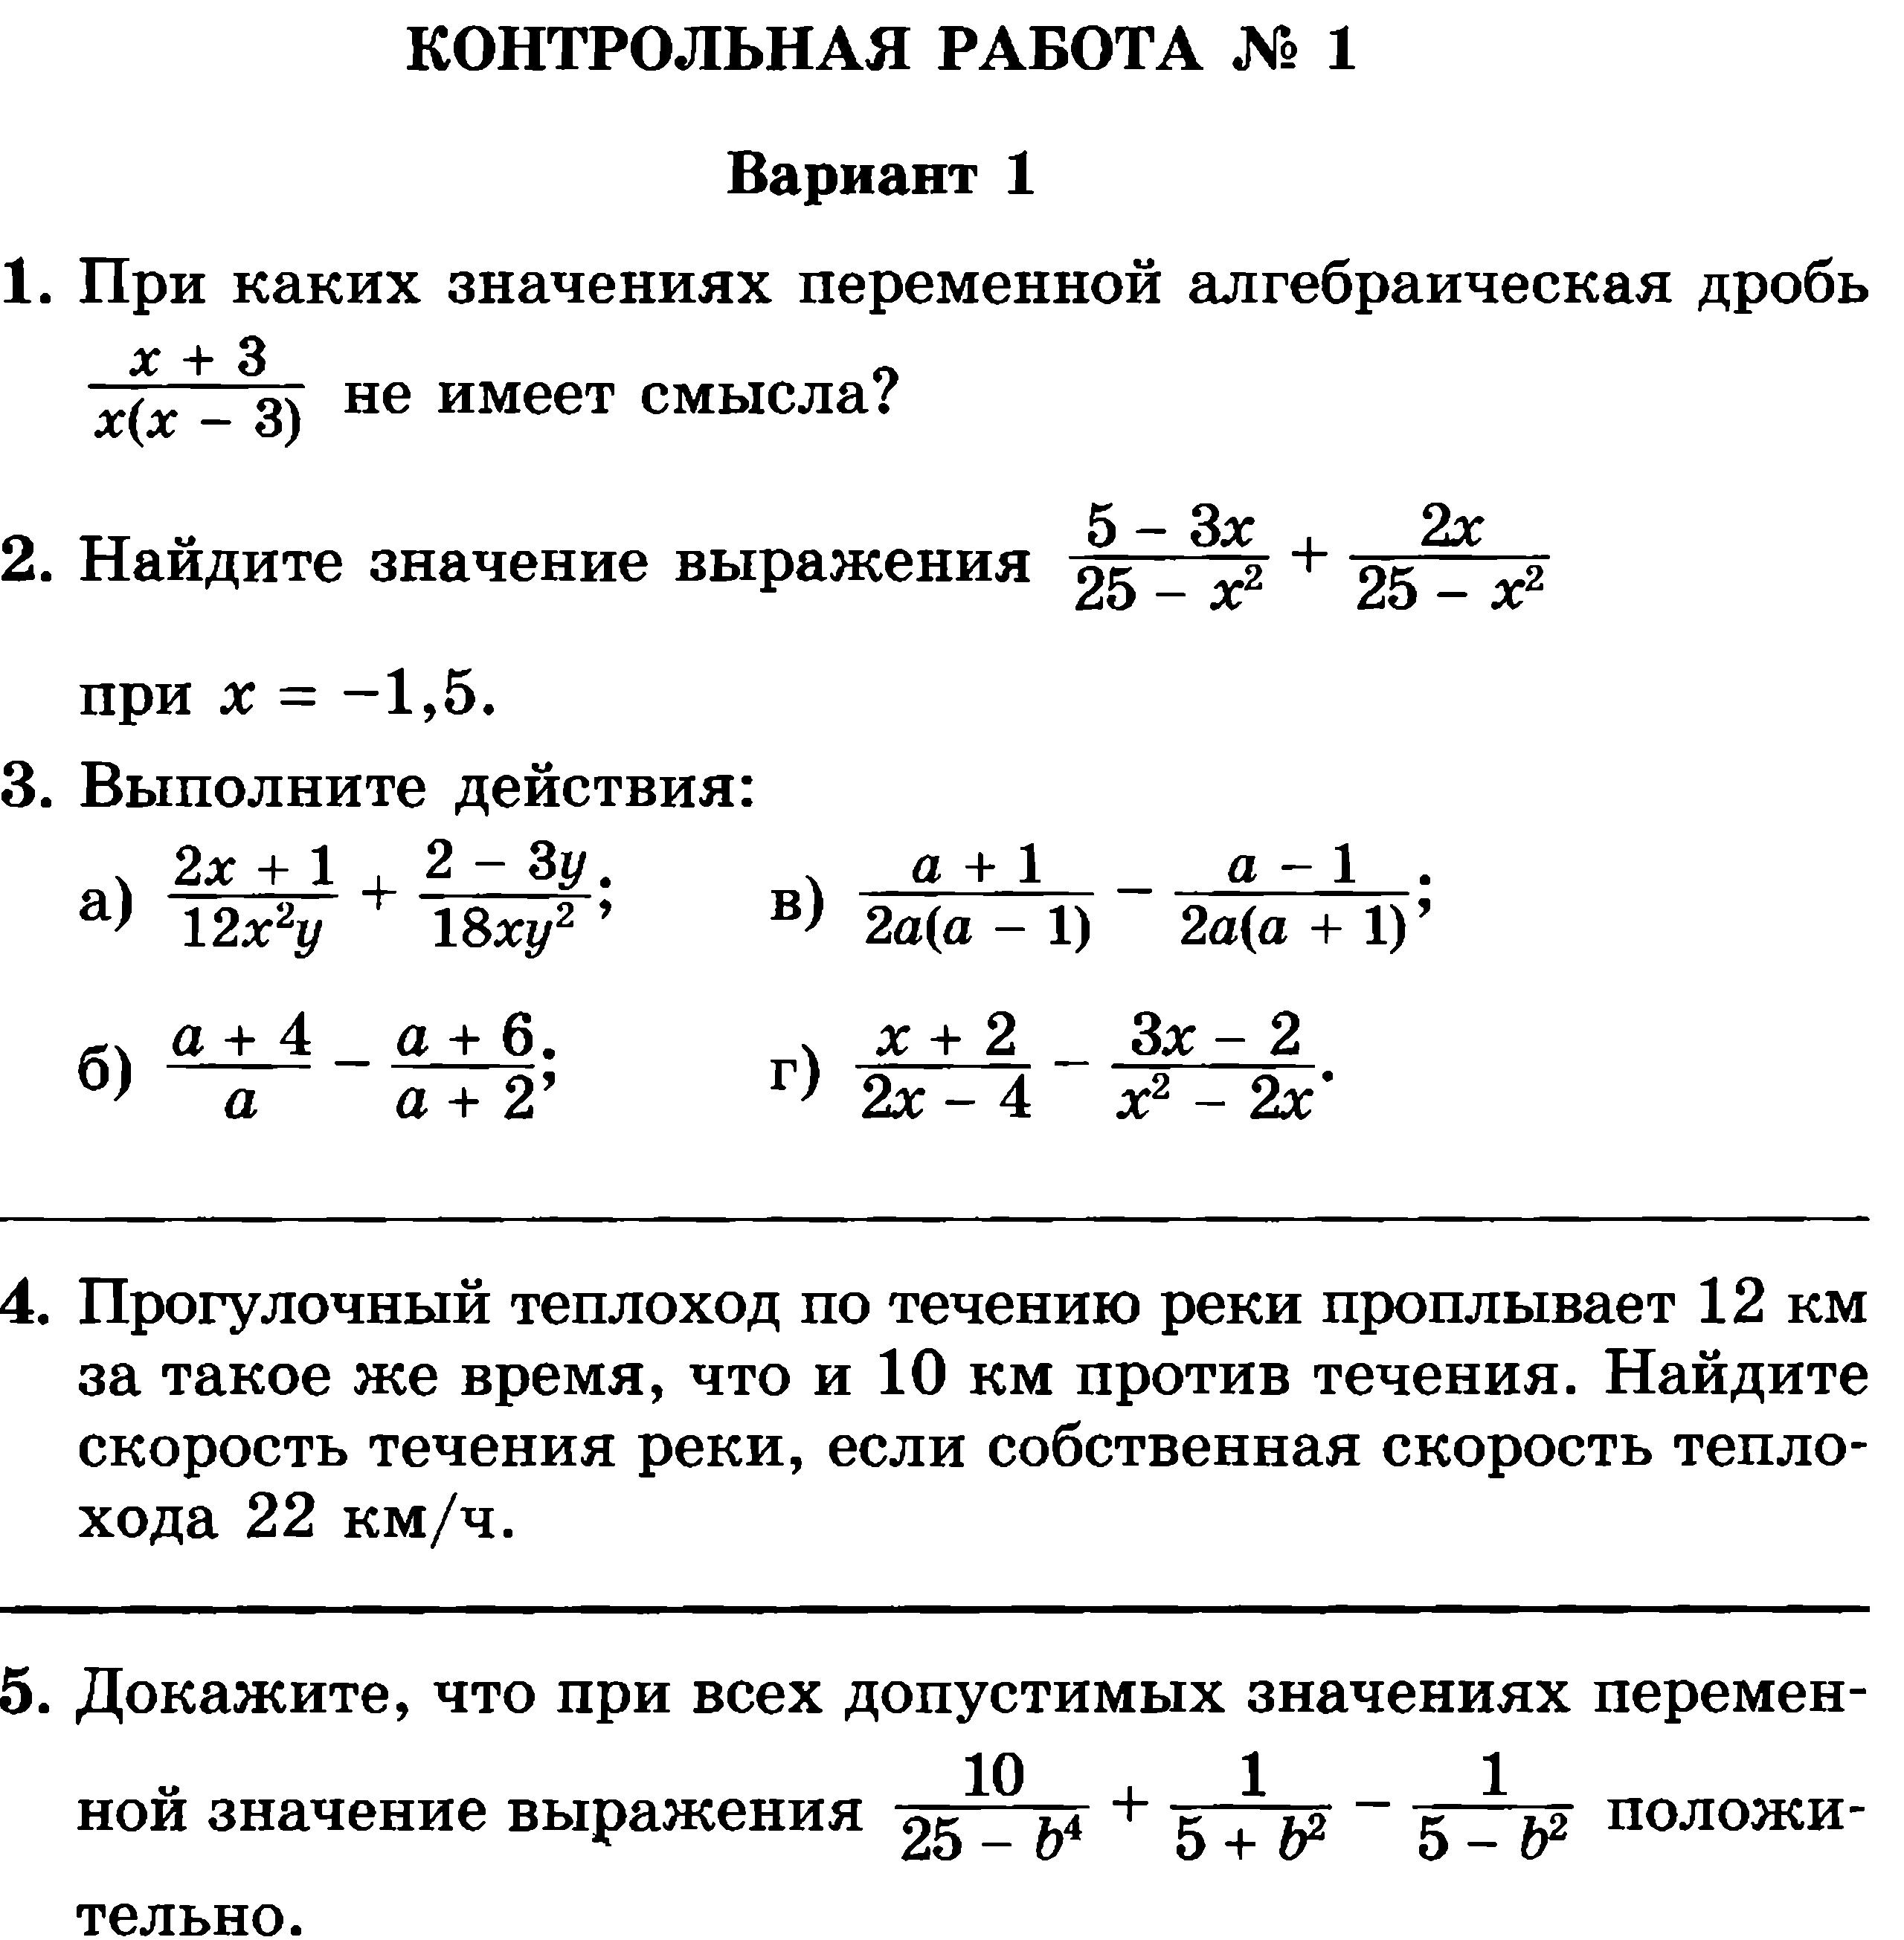 рабочая программа по математике для классов к УМК Бунимович  Контрольные работы по алгебре 8 класс hello html 3402e401 png